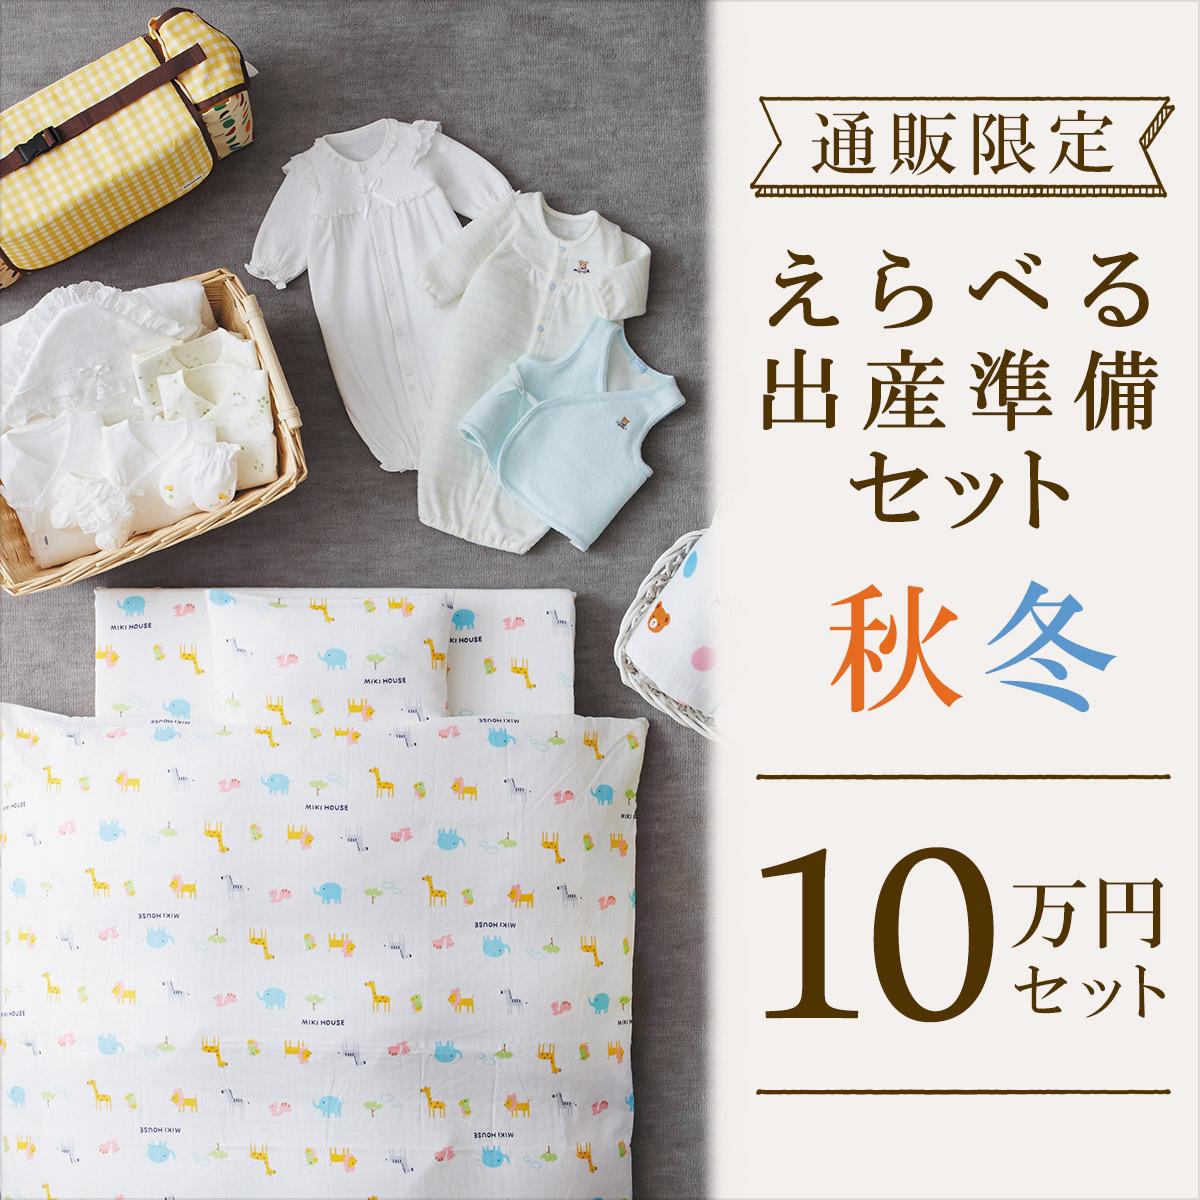 ミキハウス 出産準備10万円セット秋冬 えらべるセット ラッピング不可 mikihouse 49-0010-459 SSPB